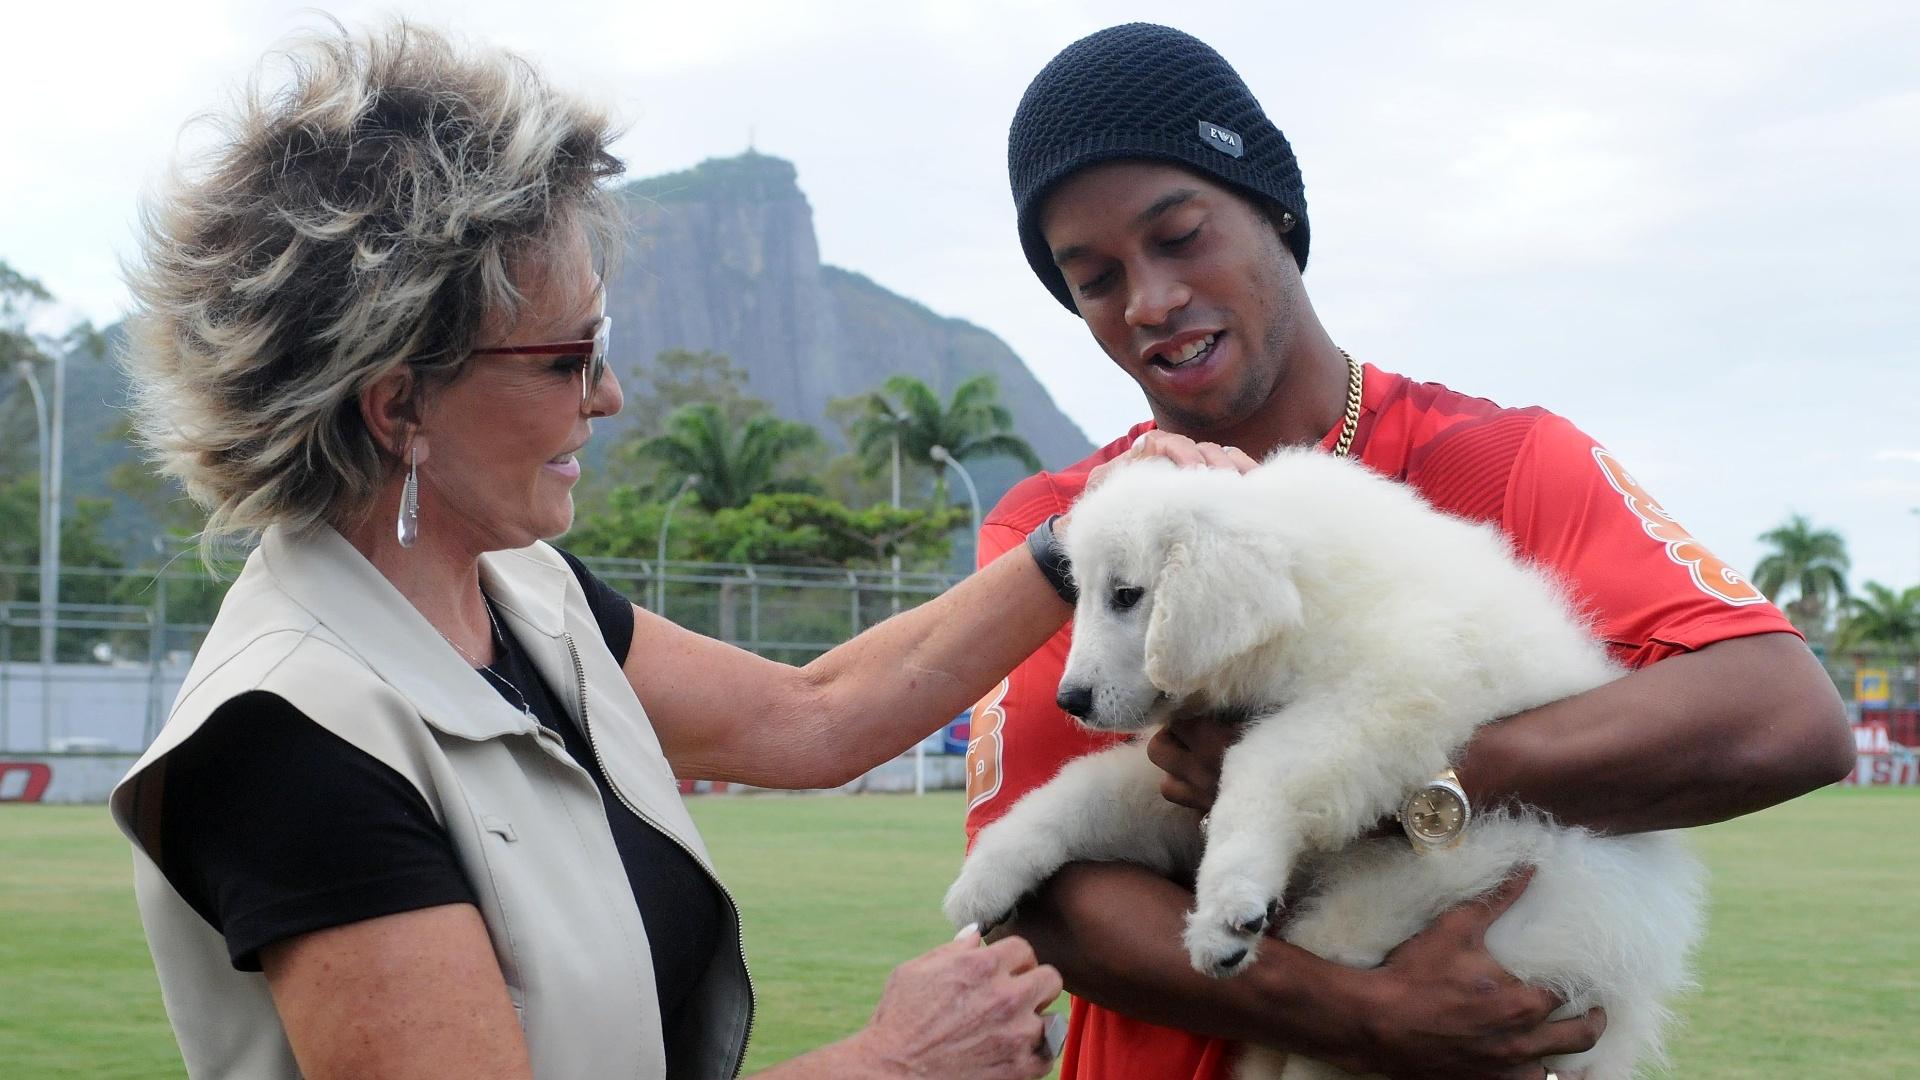 Presenteado, Ronaldinho agradeceu Ana Maria Braga pelo cachorro